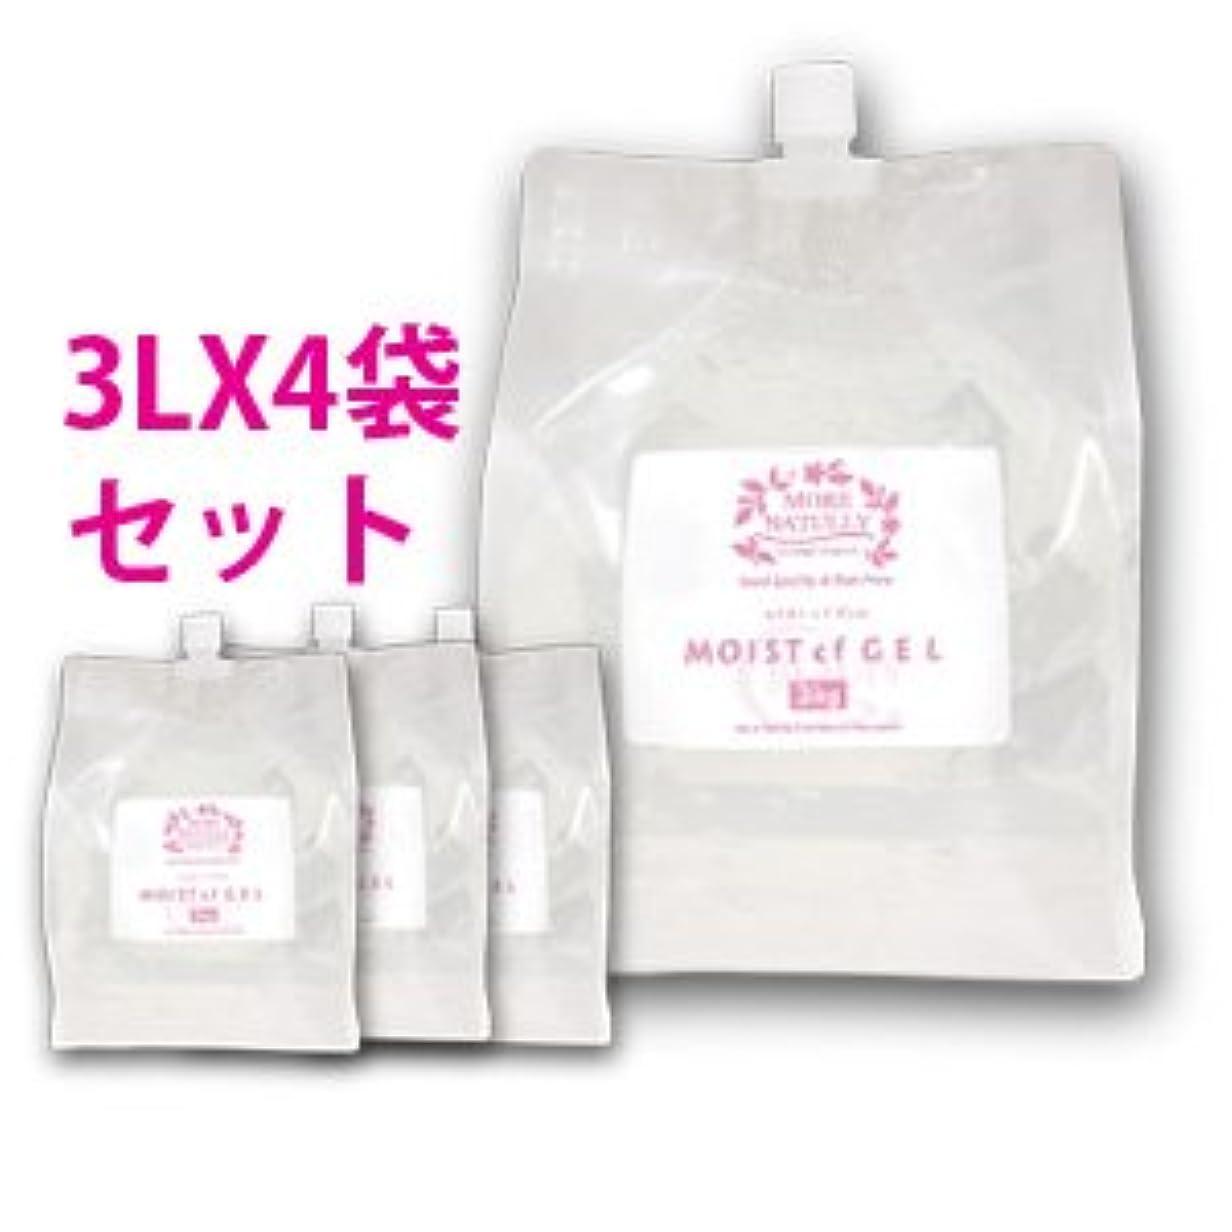 生き残り腹縫い目モアナチュリー モイストcfジェル 4袋セット 3kg×4袋